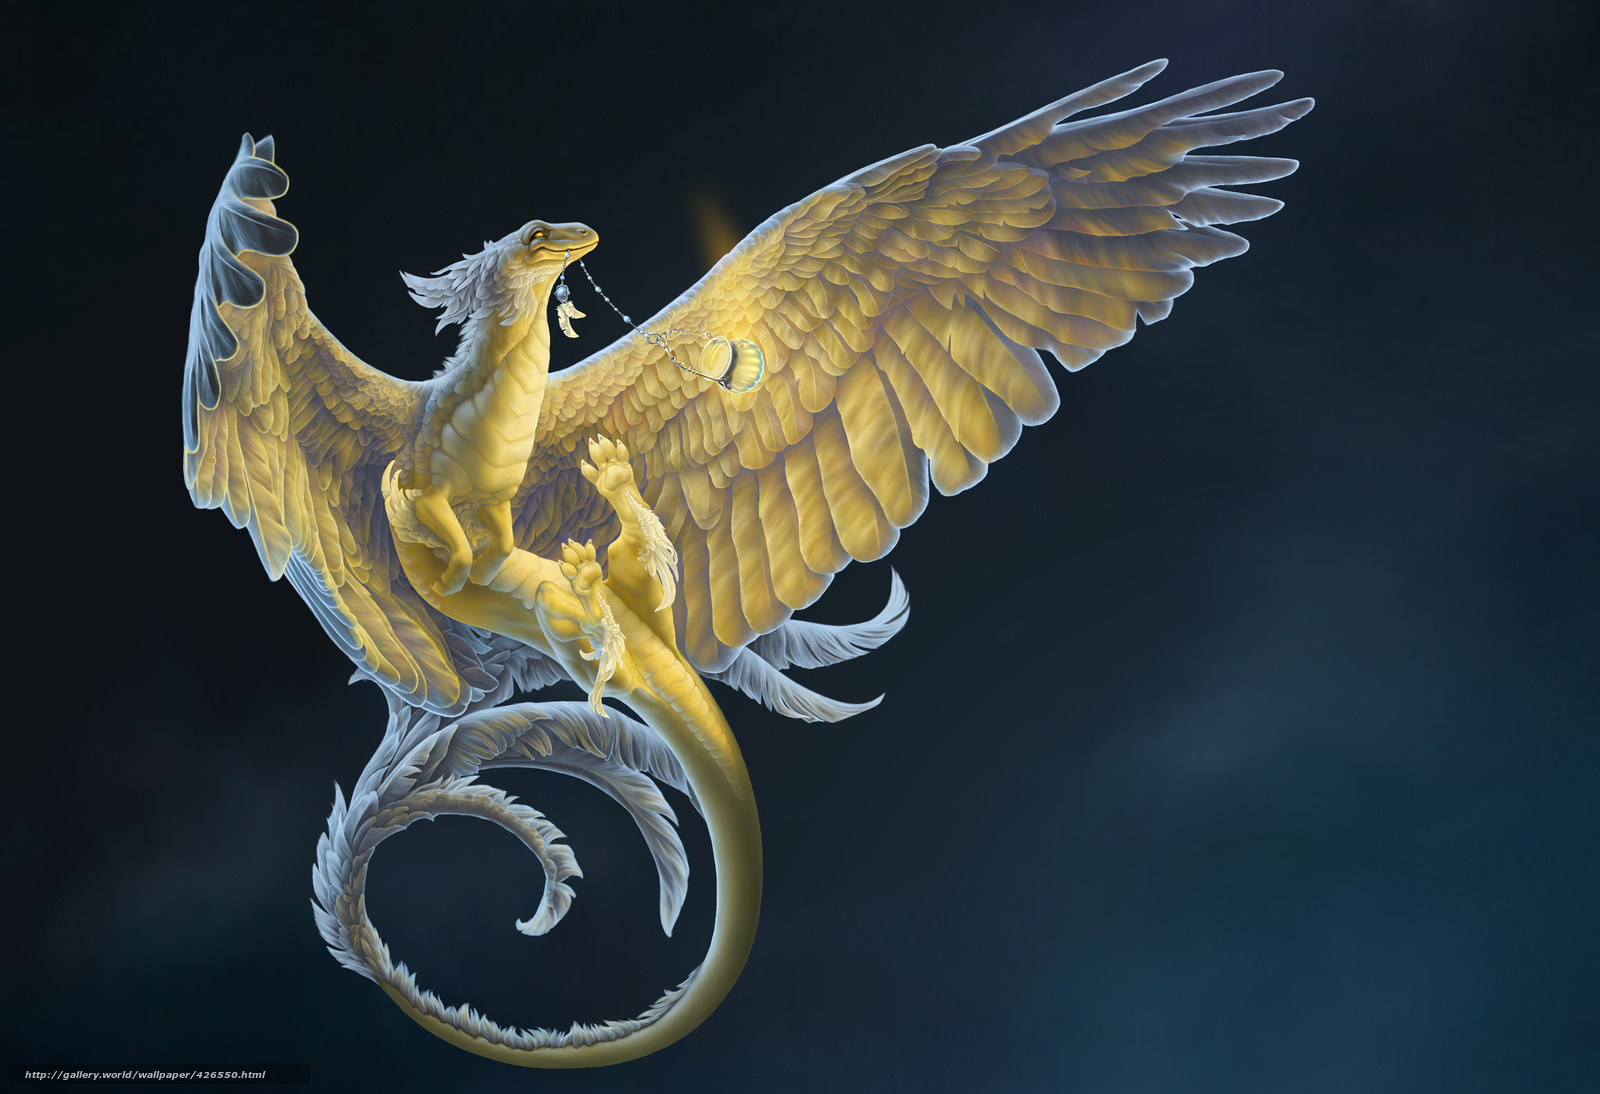 Обои дракон на iphone